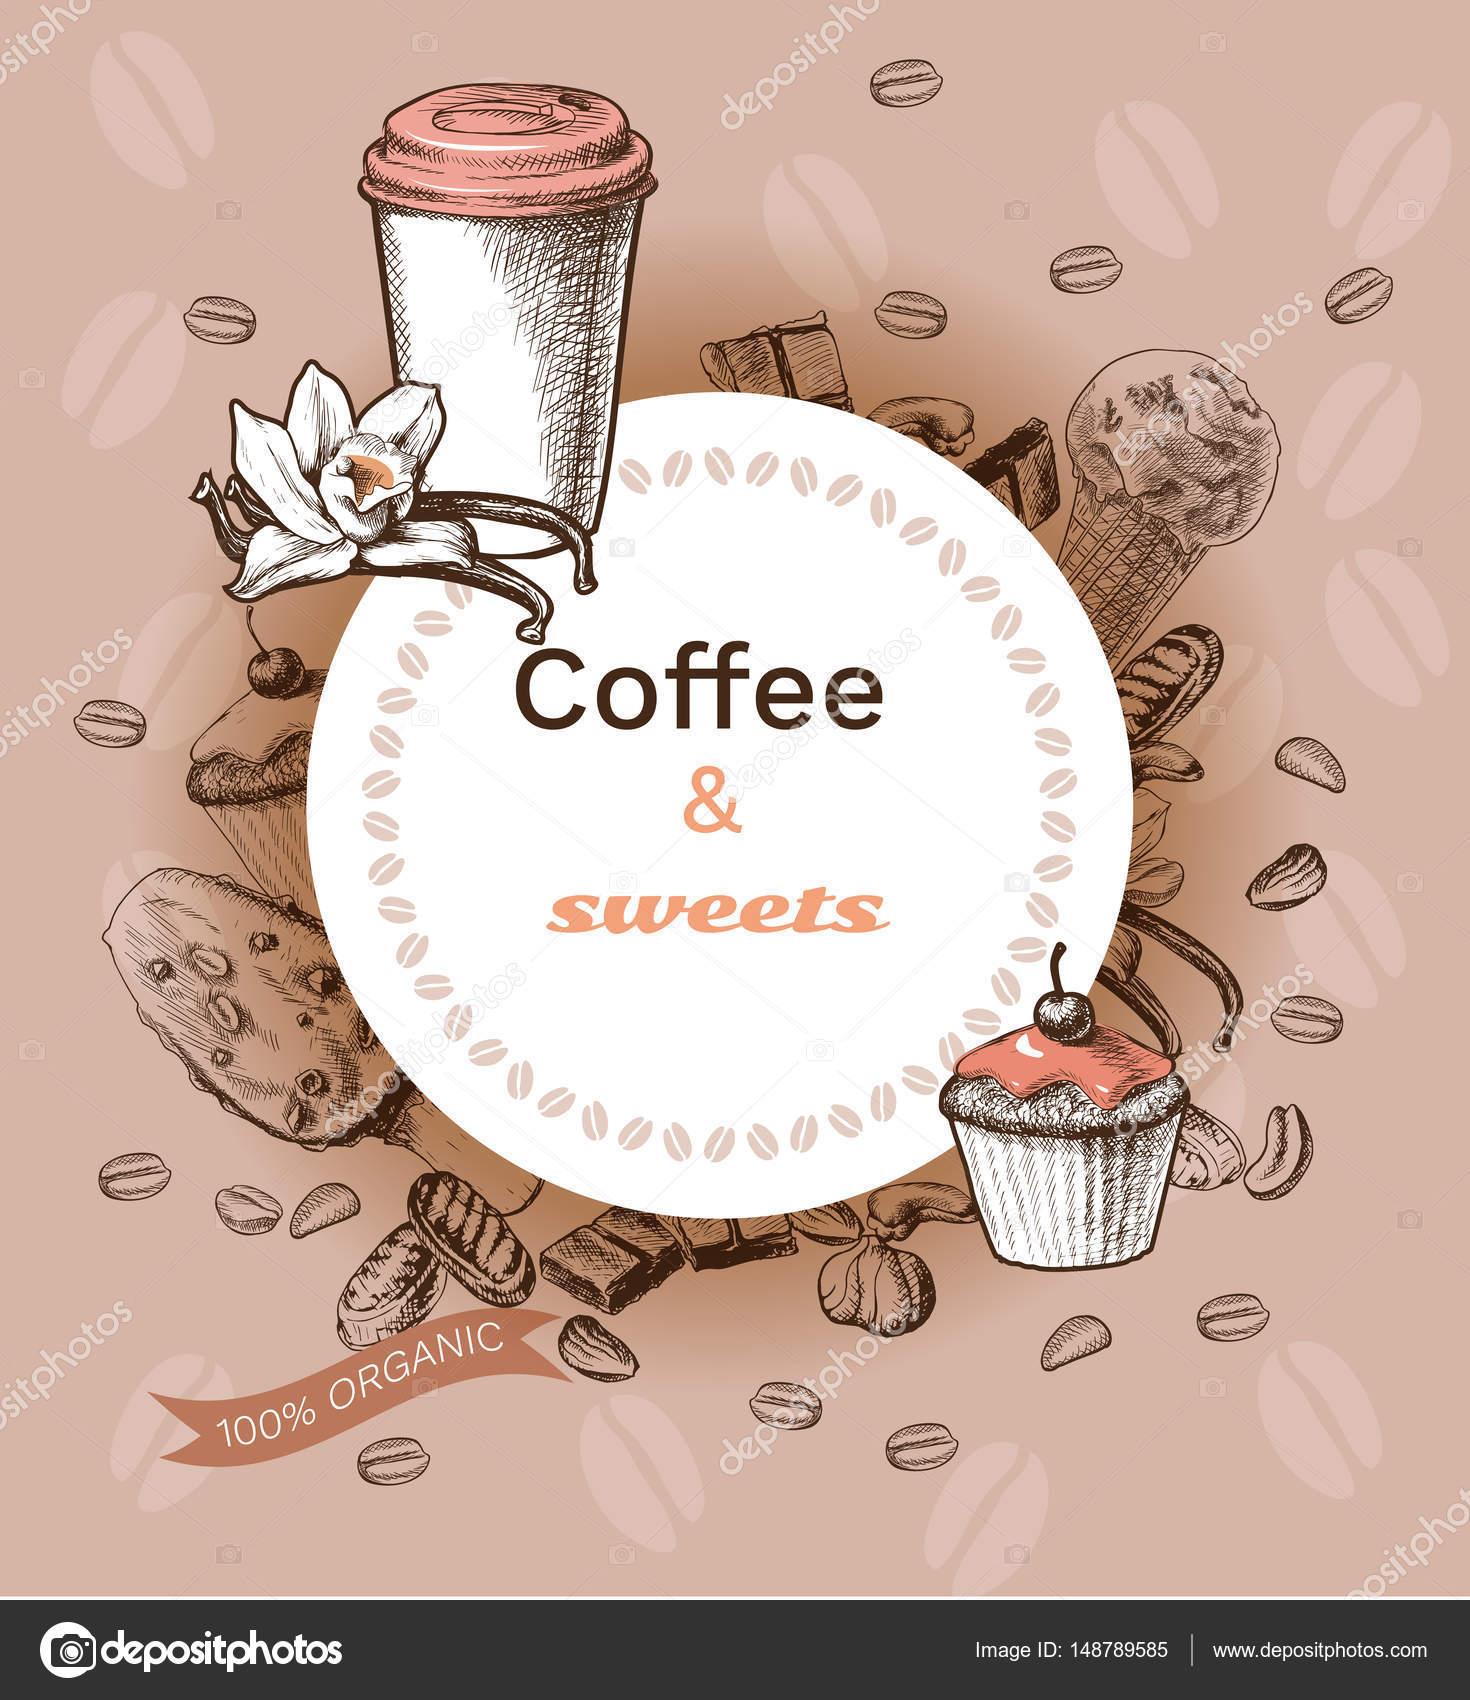 Mano dibuja la plantilla de café caliente — Archivo Imágenes ...